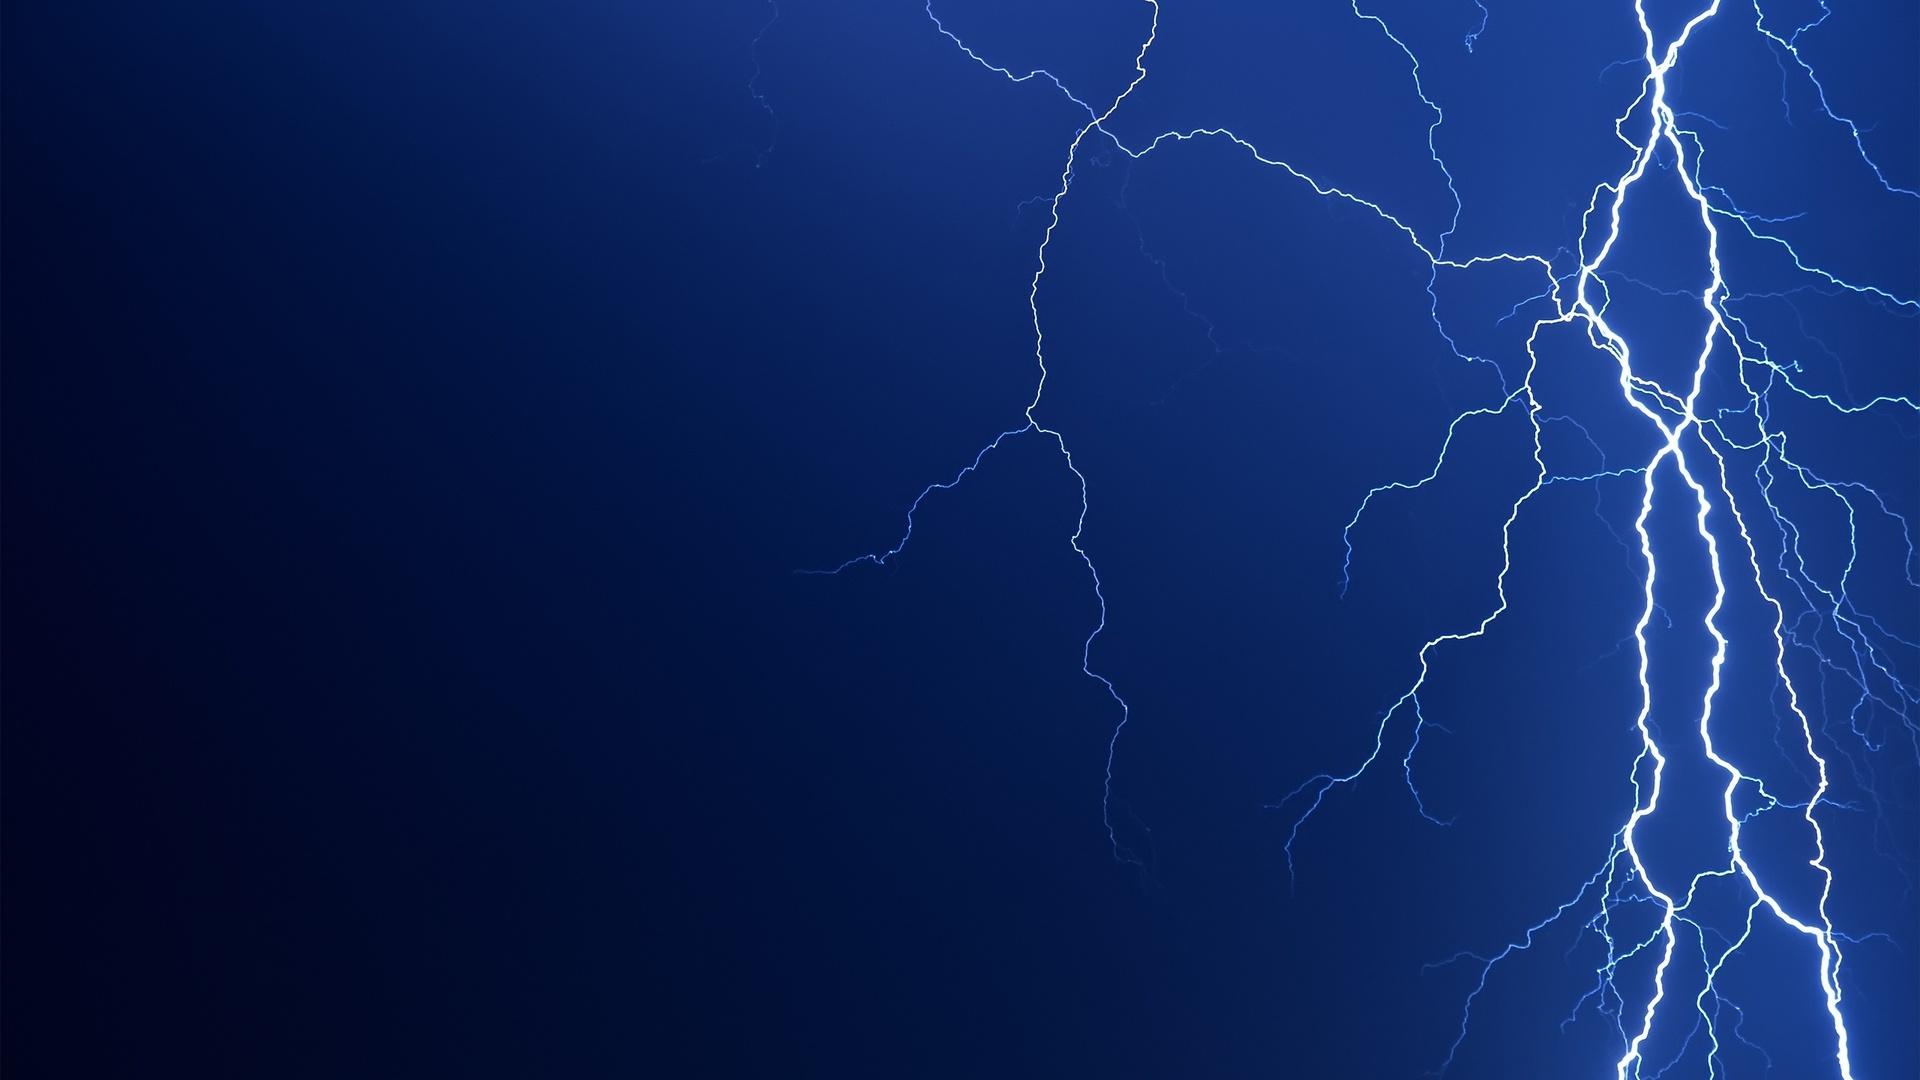 lightning 33476